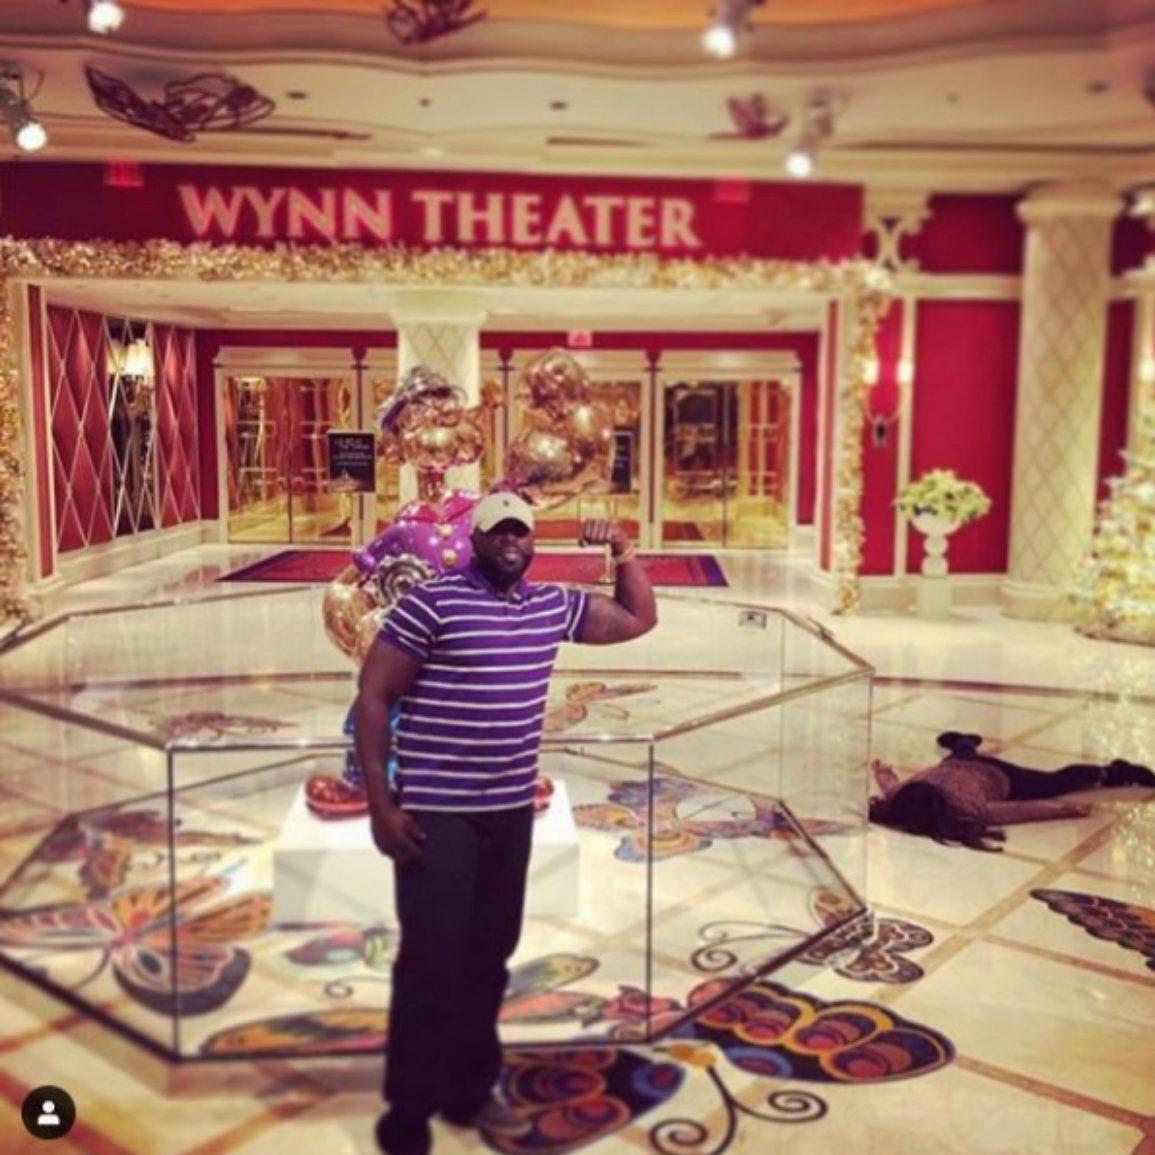 'Stef muere con Popeye y su postureo'. Hotel casino Wynn, Las Vegas.